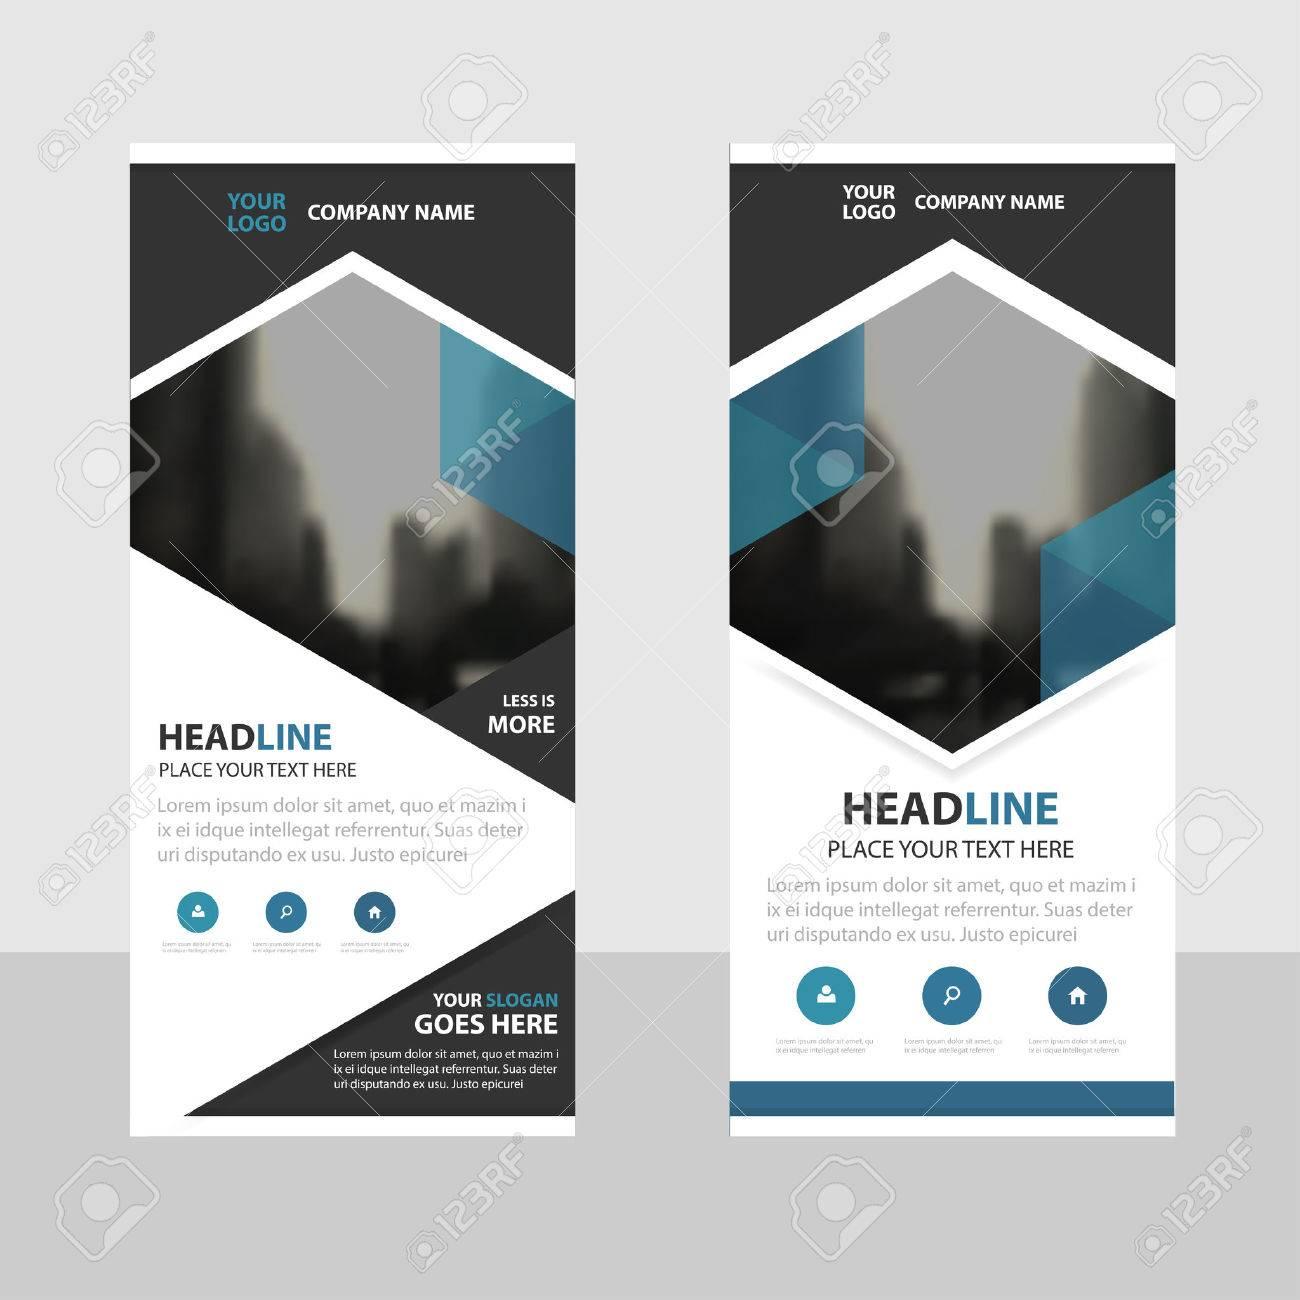 Blue Hexagon Business Roll Up Banner Flat Design Template Abstract